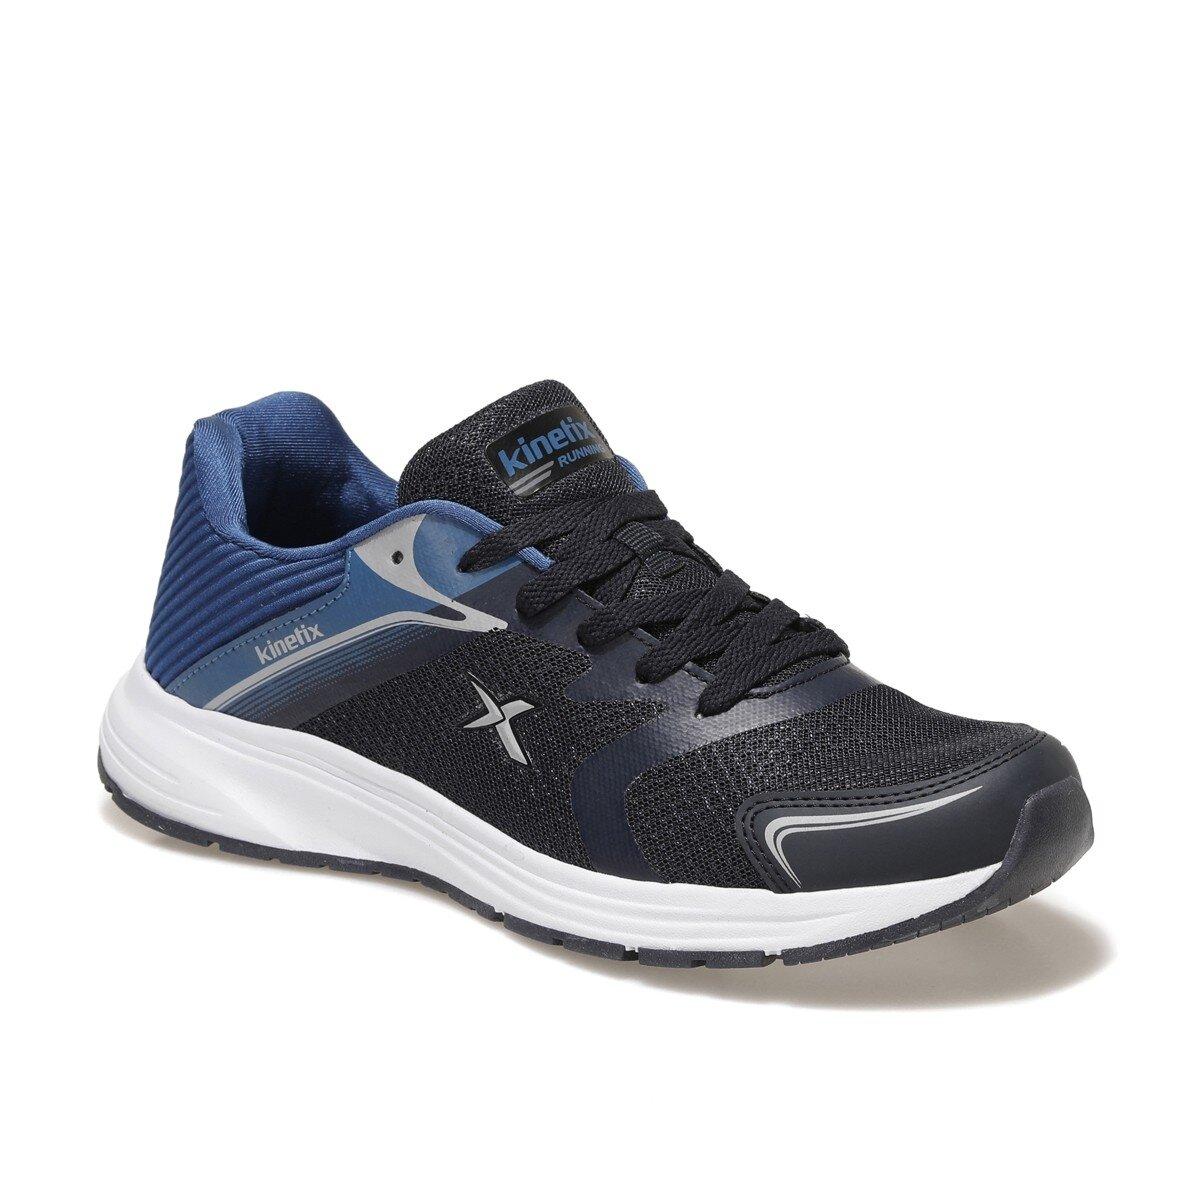 TIERON 1FX Navy Blue Men 'S Running Shoe